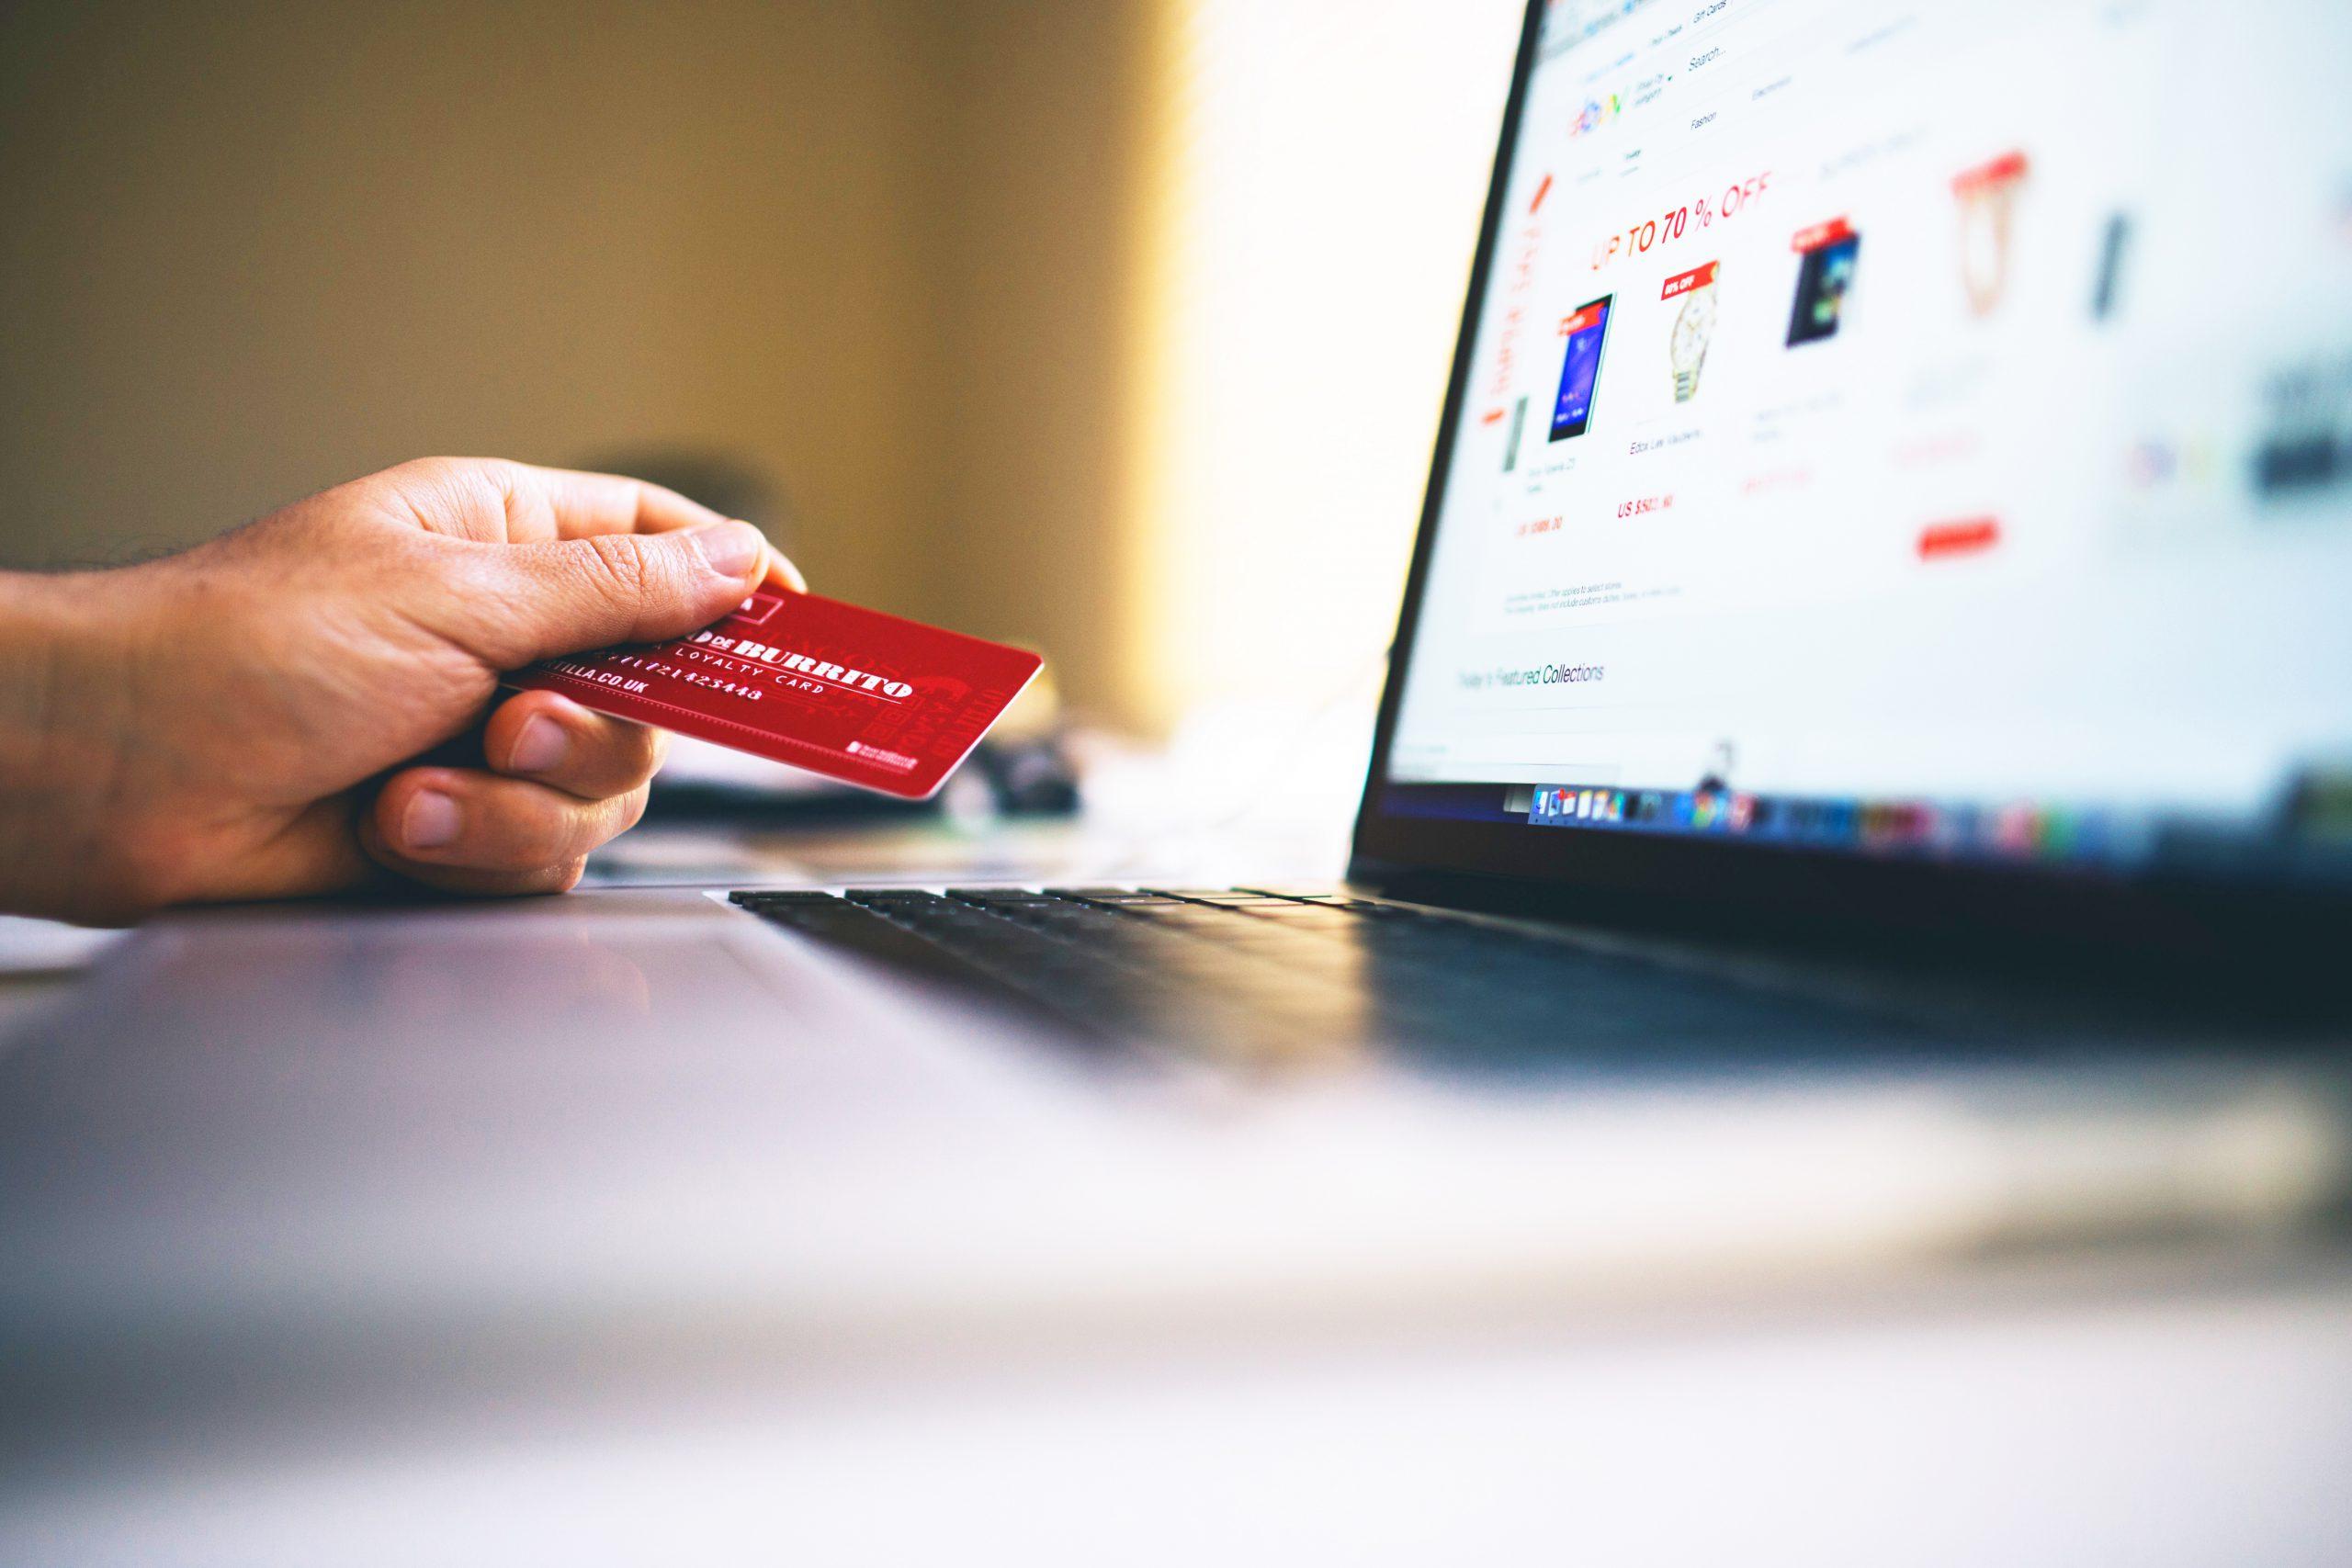 O comércio varejista, a transformação digital e a crise